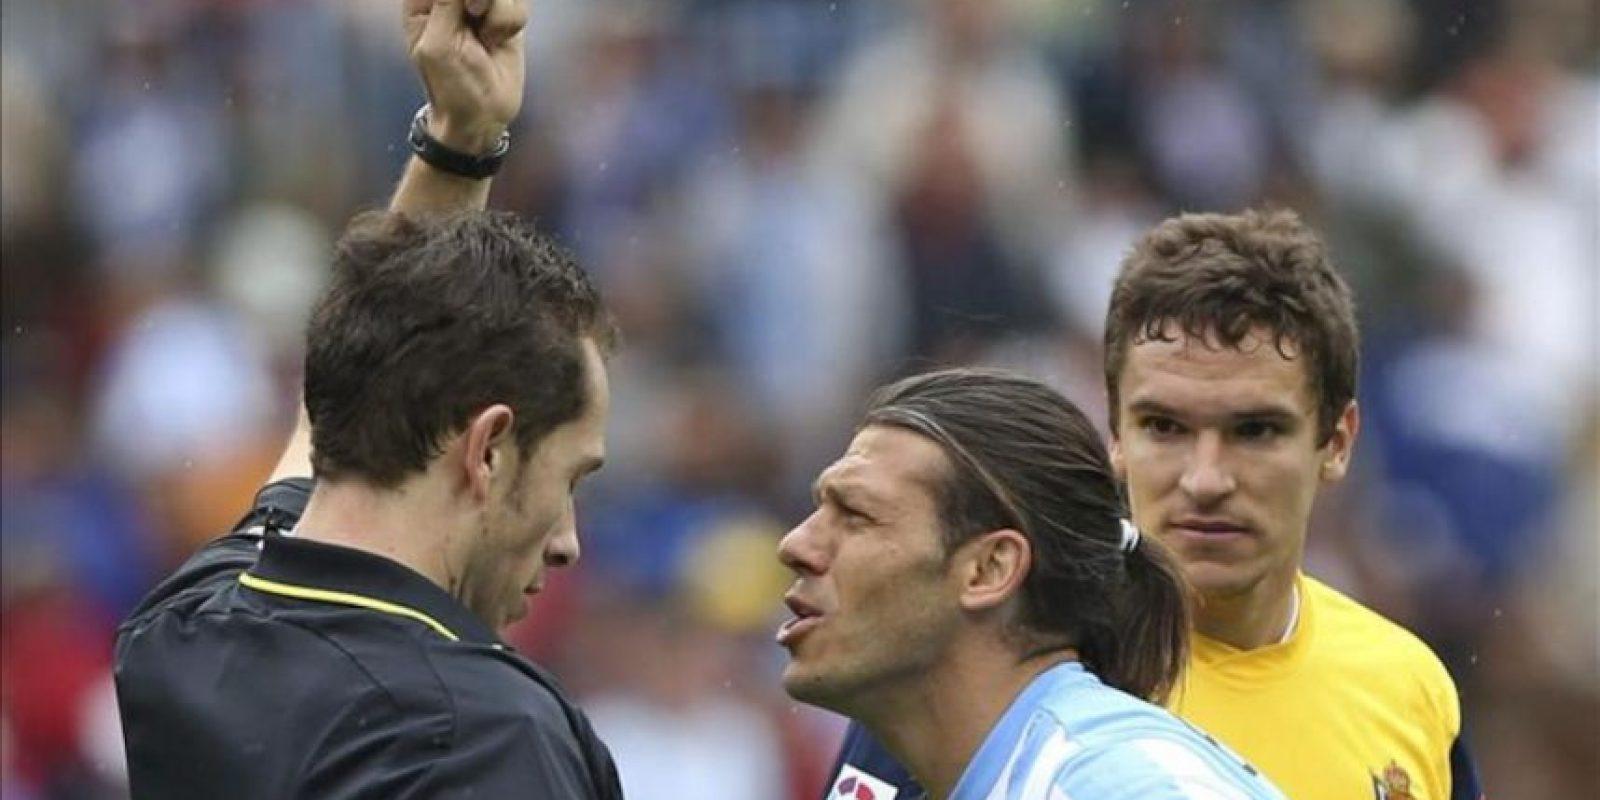 El defensa italo argentino del Málaga Martín Demichelis (c) recibe una tarjetya amarilla durante el partido, correspondiente a la trigésimo cuarta jornada de la Liga de Primera División, que disputó el conjunto andaluz ante la Real Sociedad en el estadio de La Rosaleda. EFE